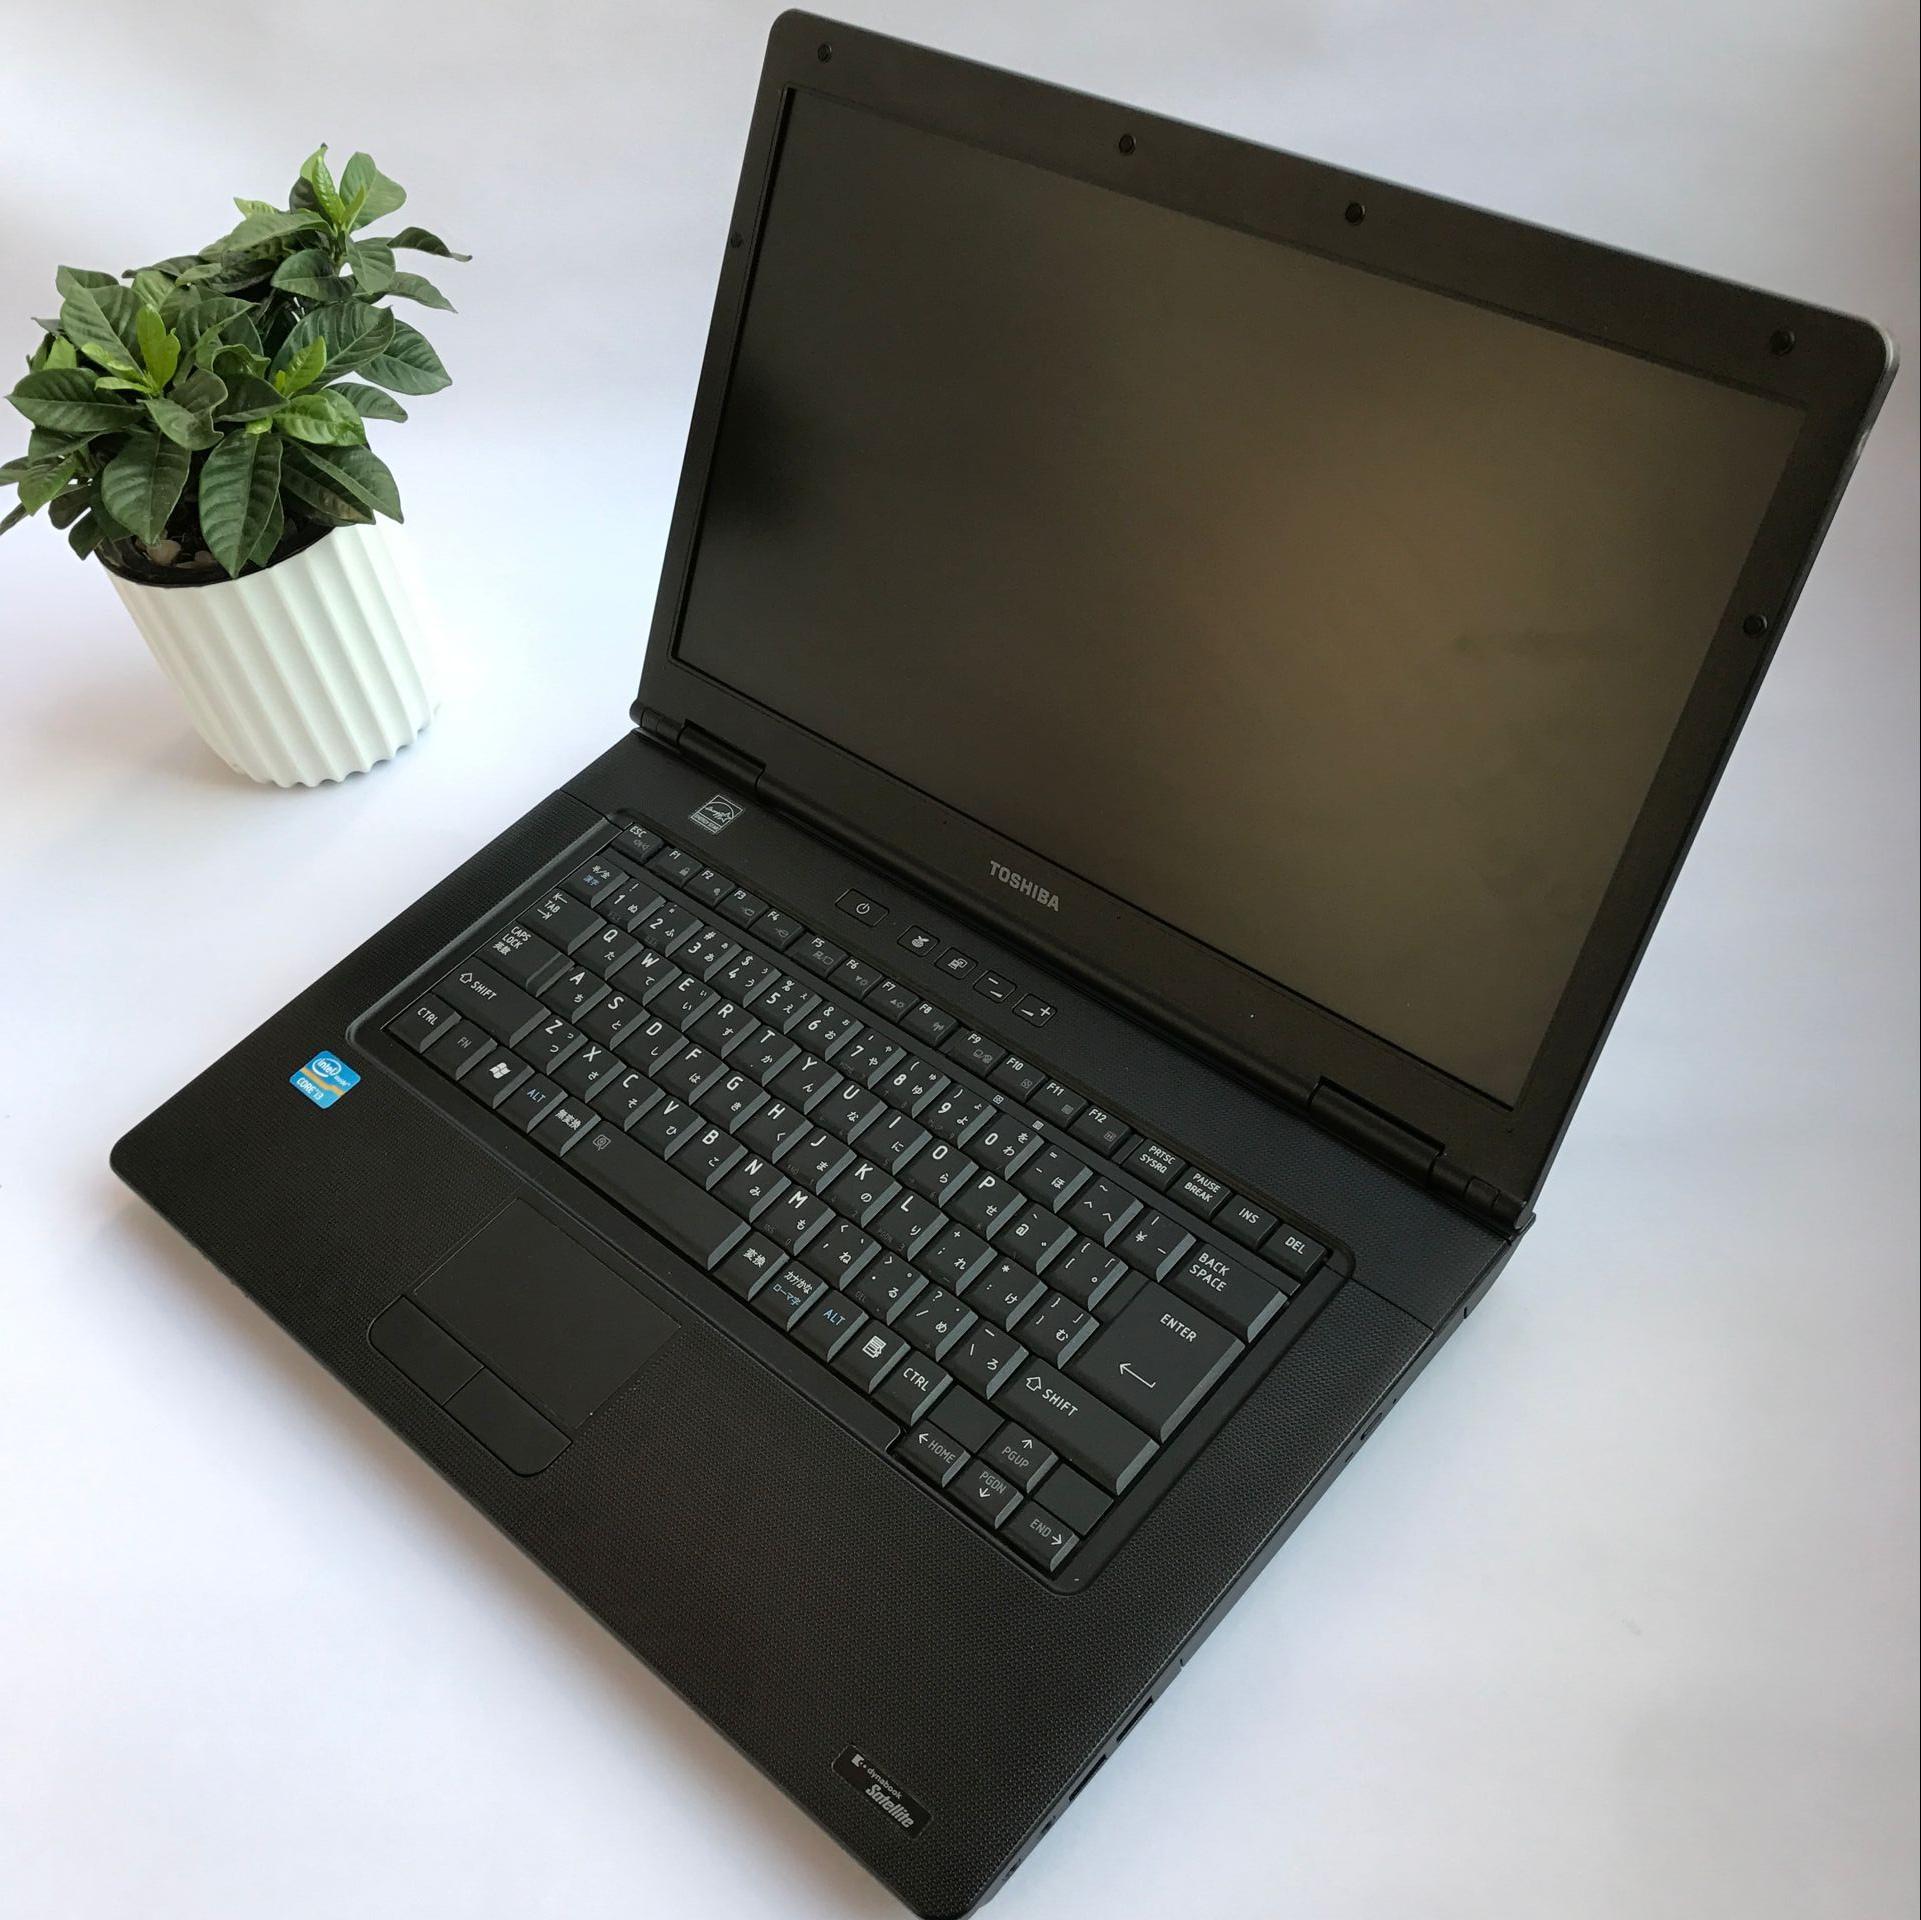 券后409.00元14寸吃鸡笔记本电脑轻薄便携学生i5游戏本手提电脑15.6寸商务办公